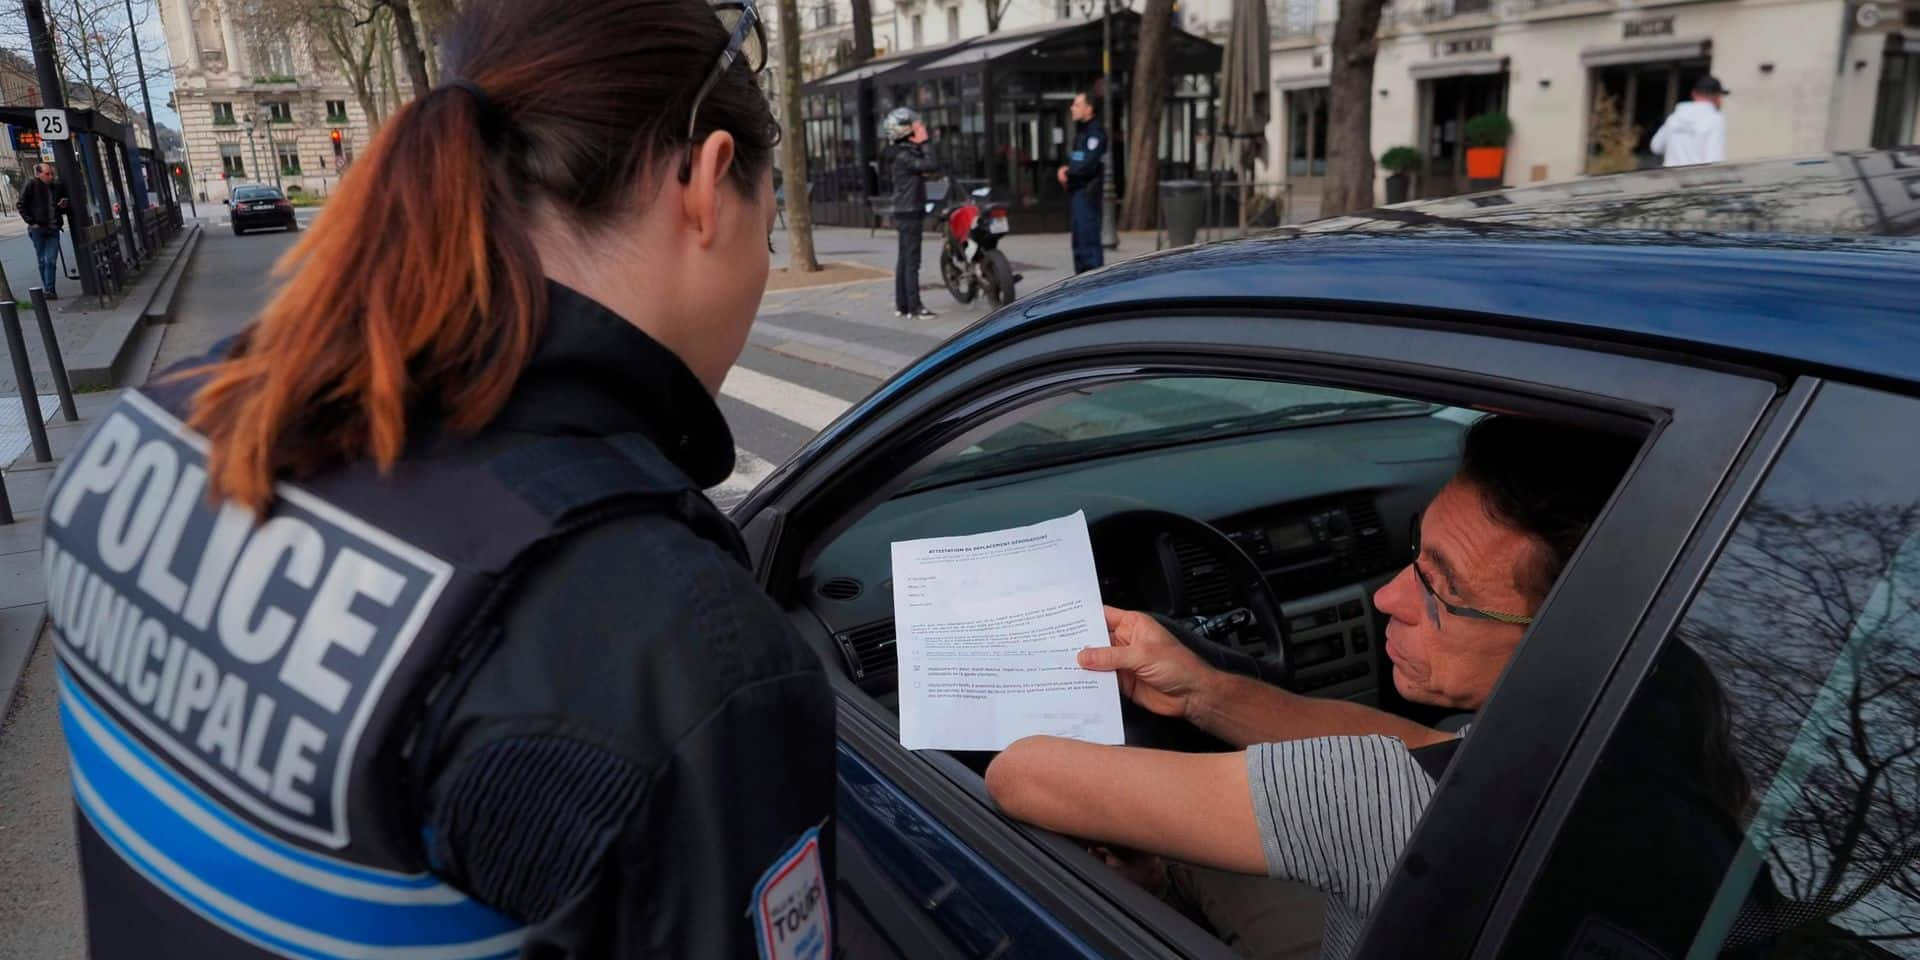 Pourquoi l'attestation de déplacement obligatoire en France ne l'est pas en Belgique?